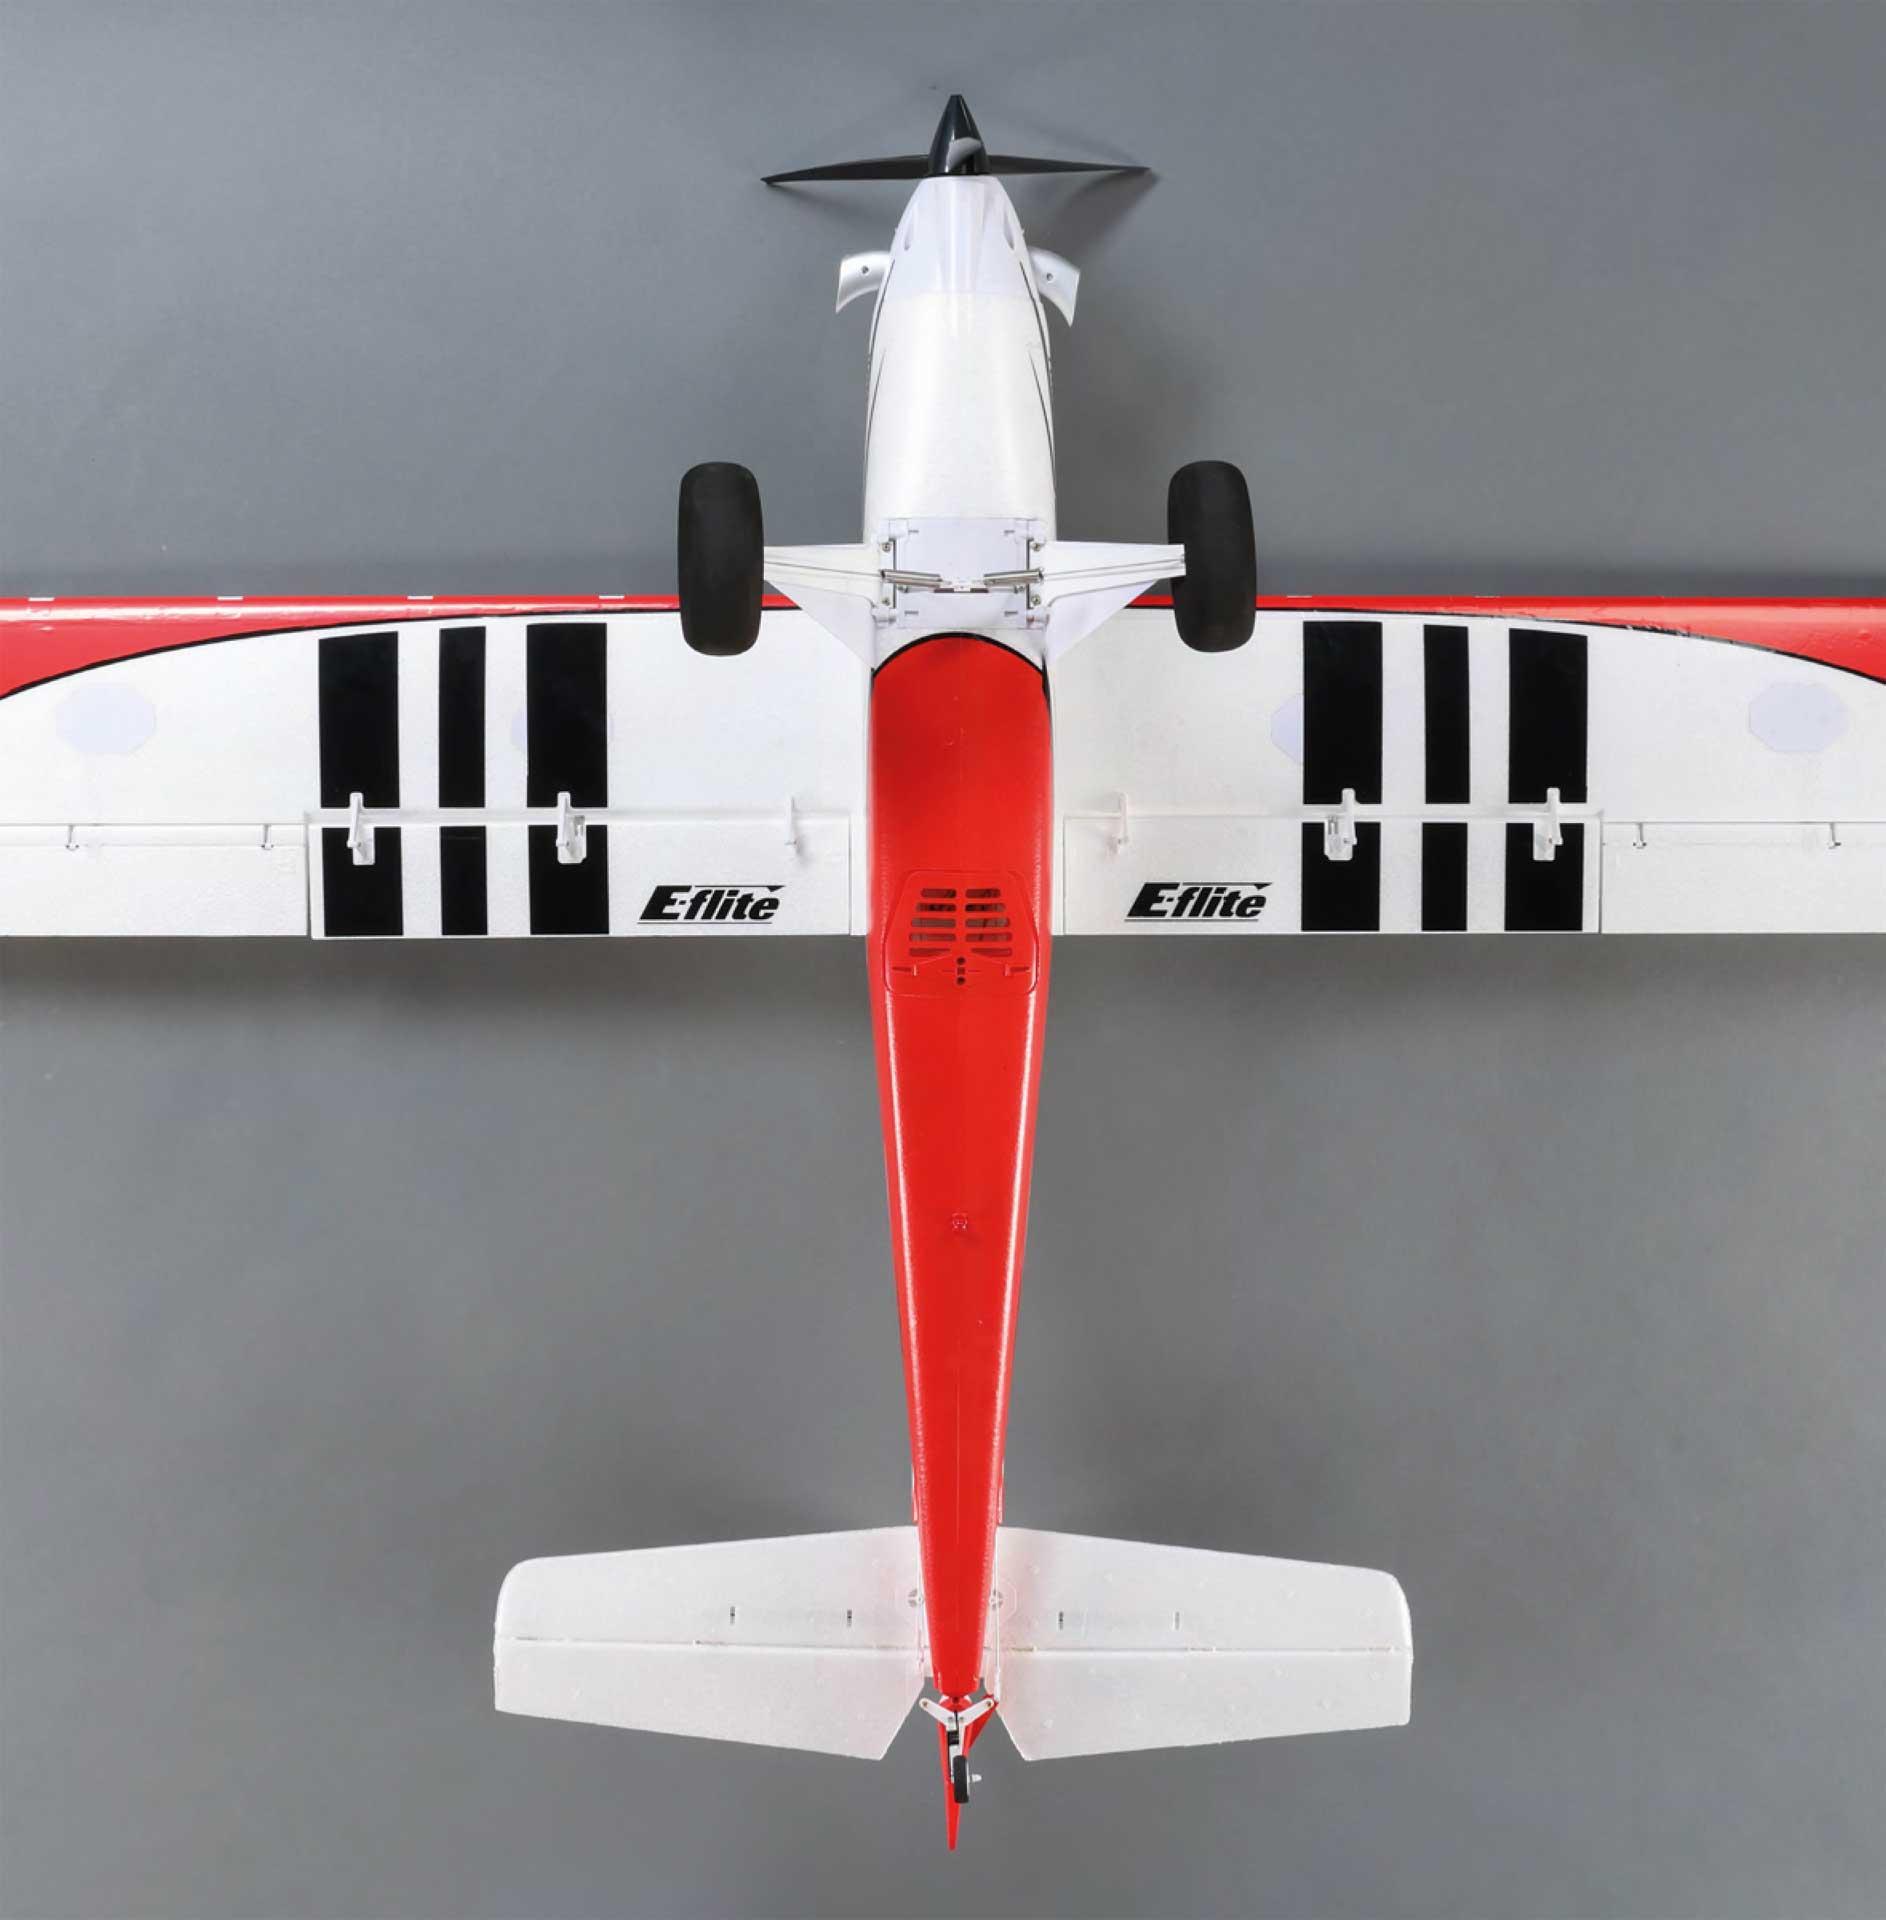 E-FLITE Turbo Timber Evolution 1.5m PNP inkl. Schwimmer